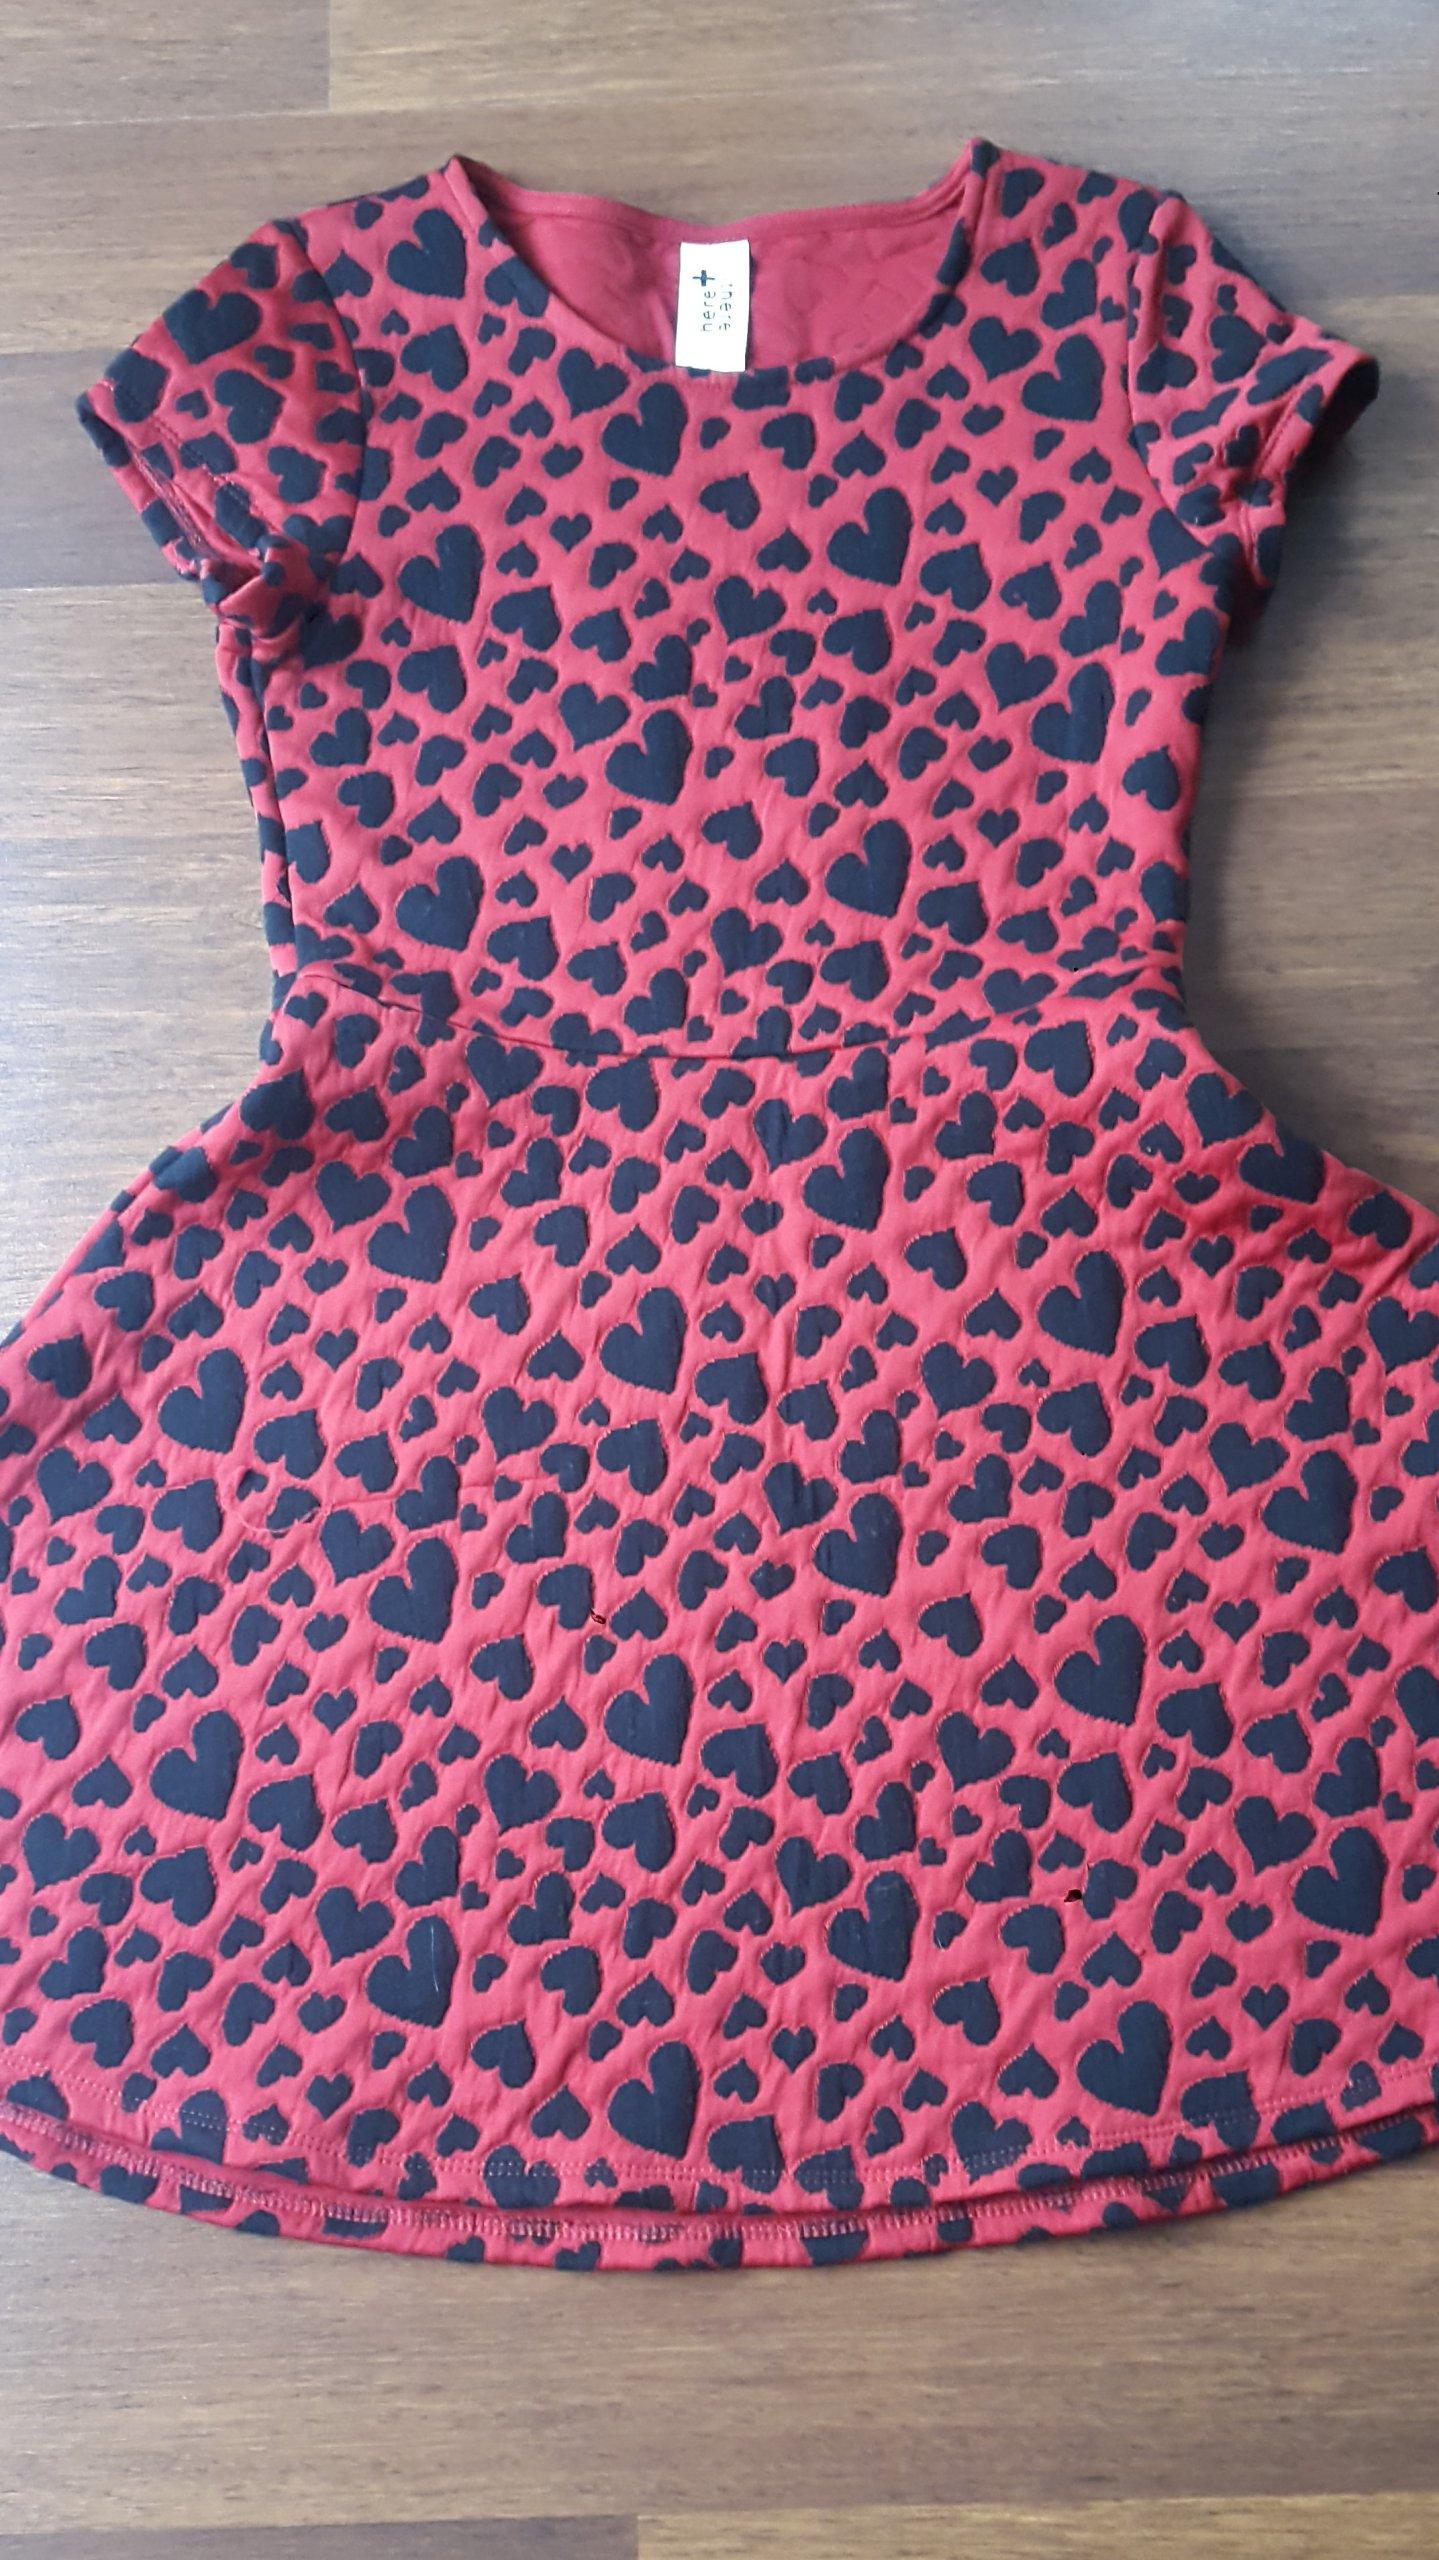 280ad26468 C A sukienka dla dziewczynki rozm.152 jak nowa - 7220649373 ...